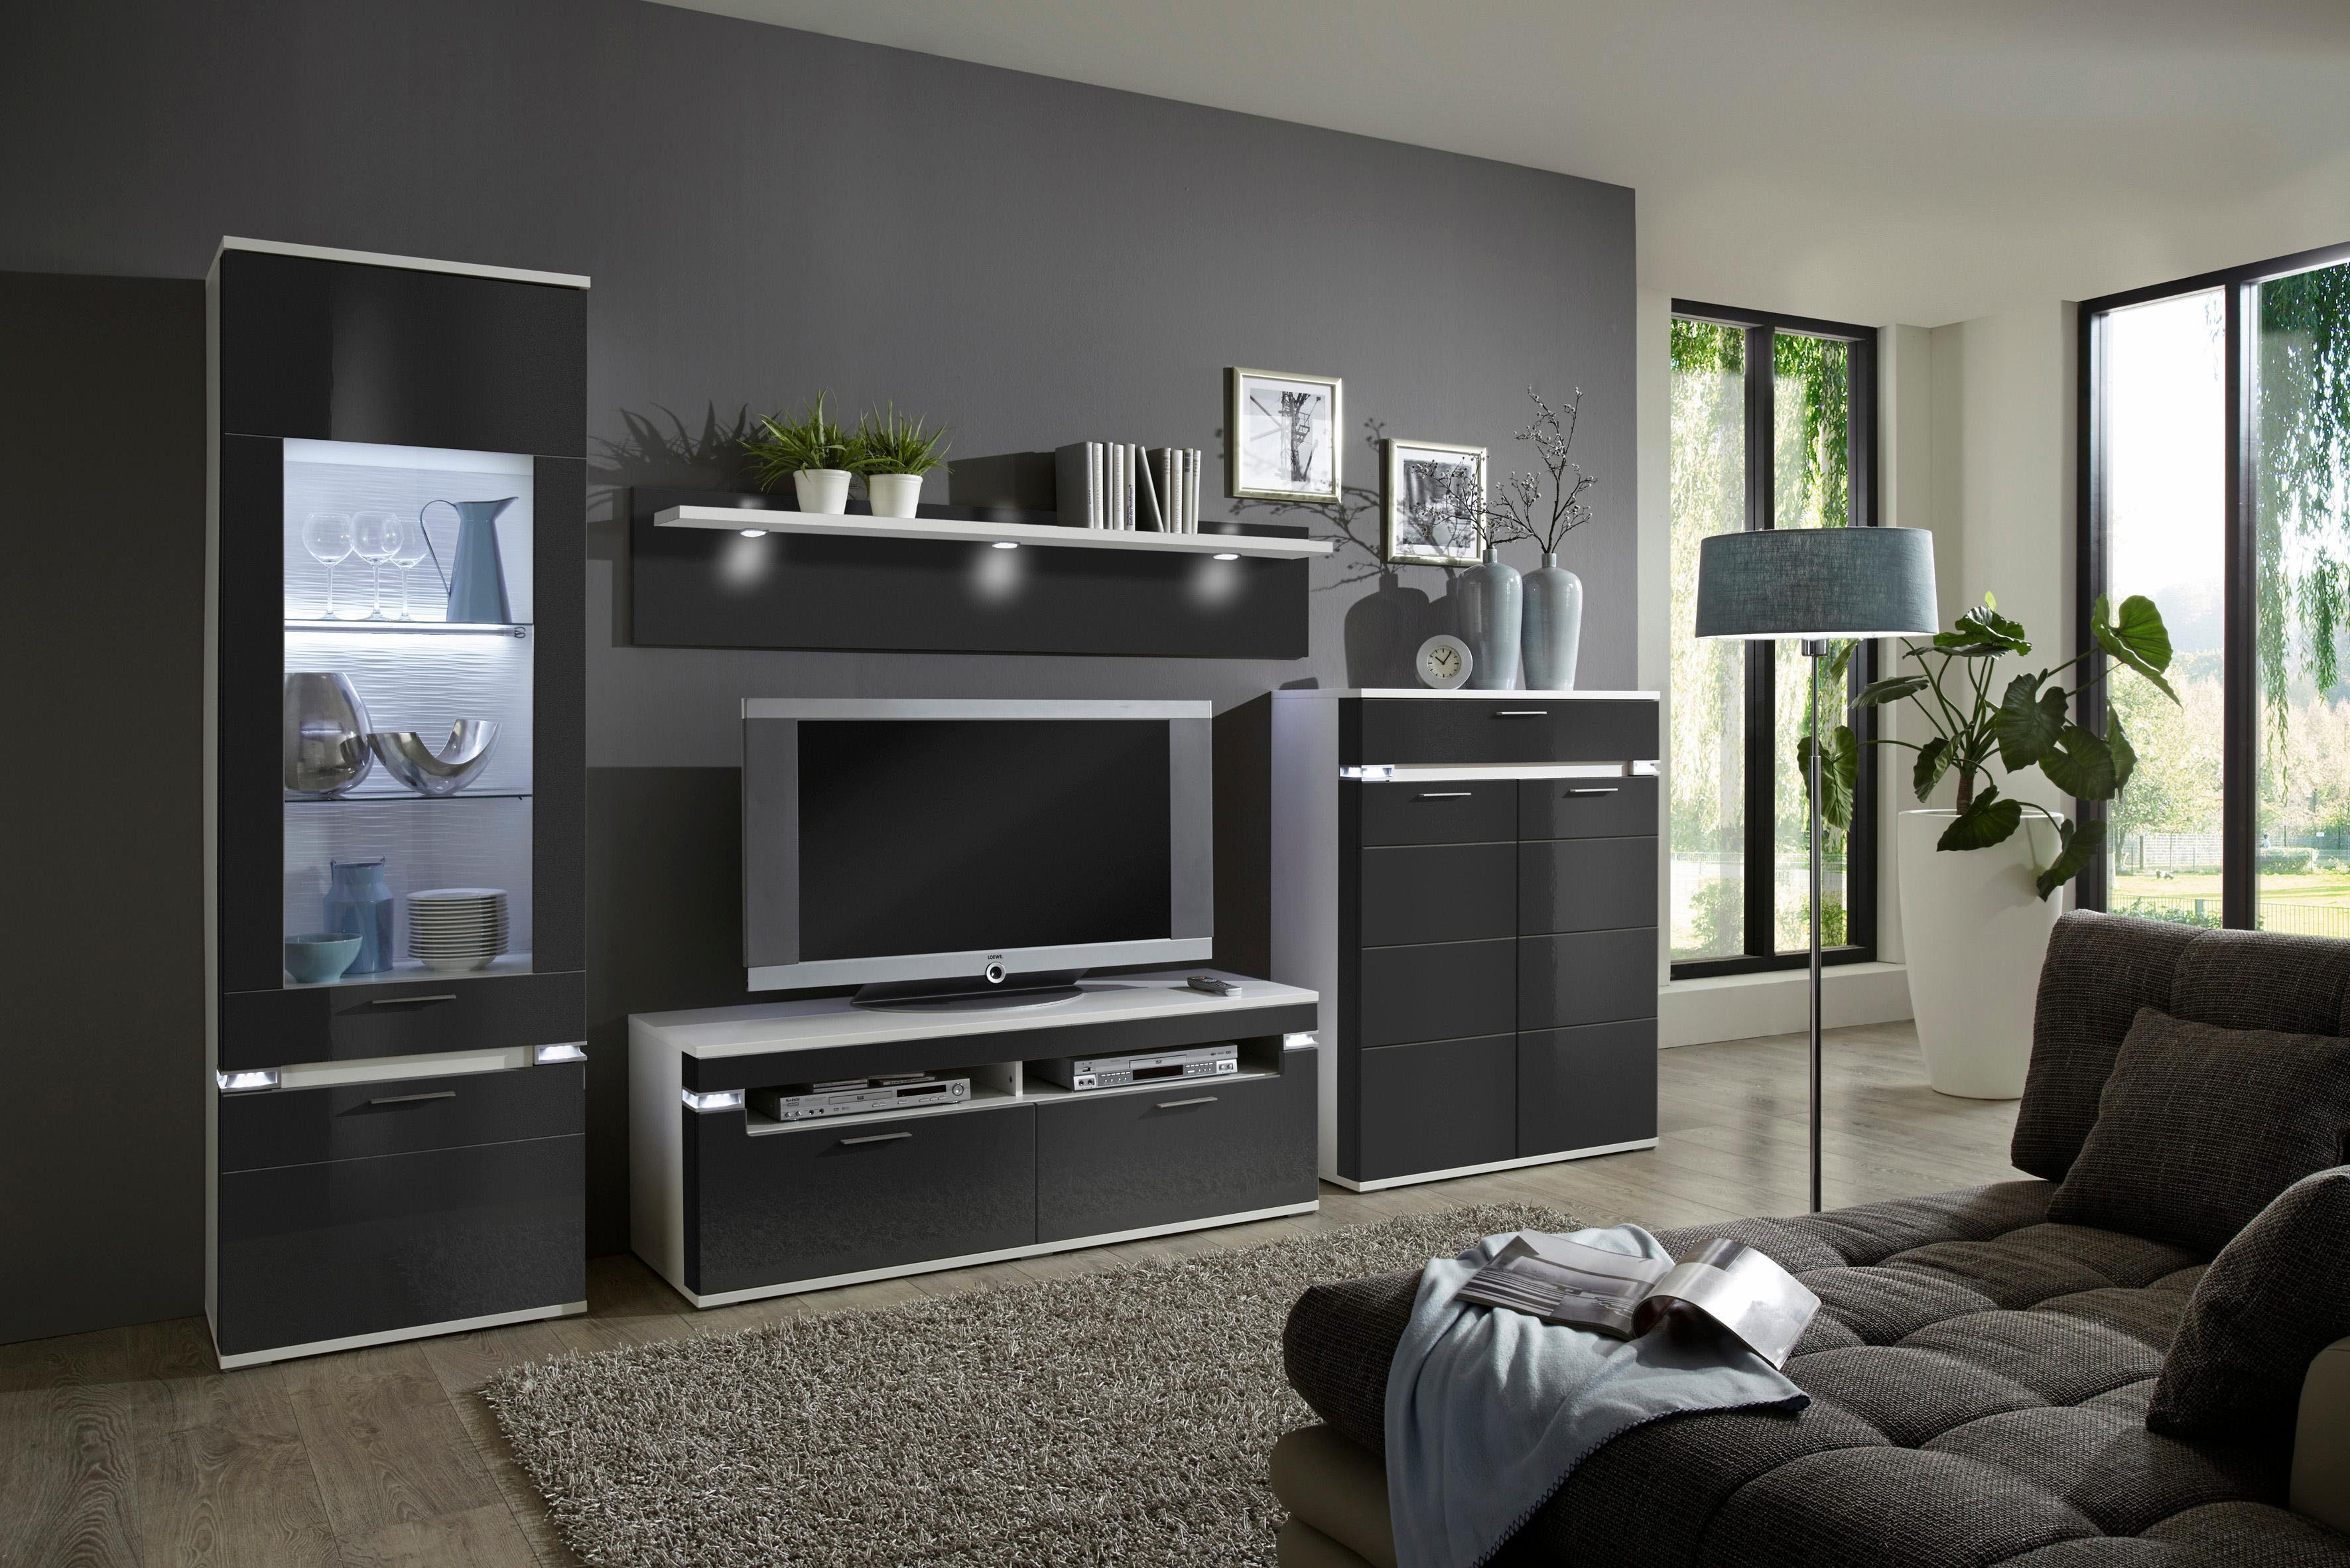 Design Wohnwande Style : Places of style wohnwand tlg cabana« mit integrierter